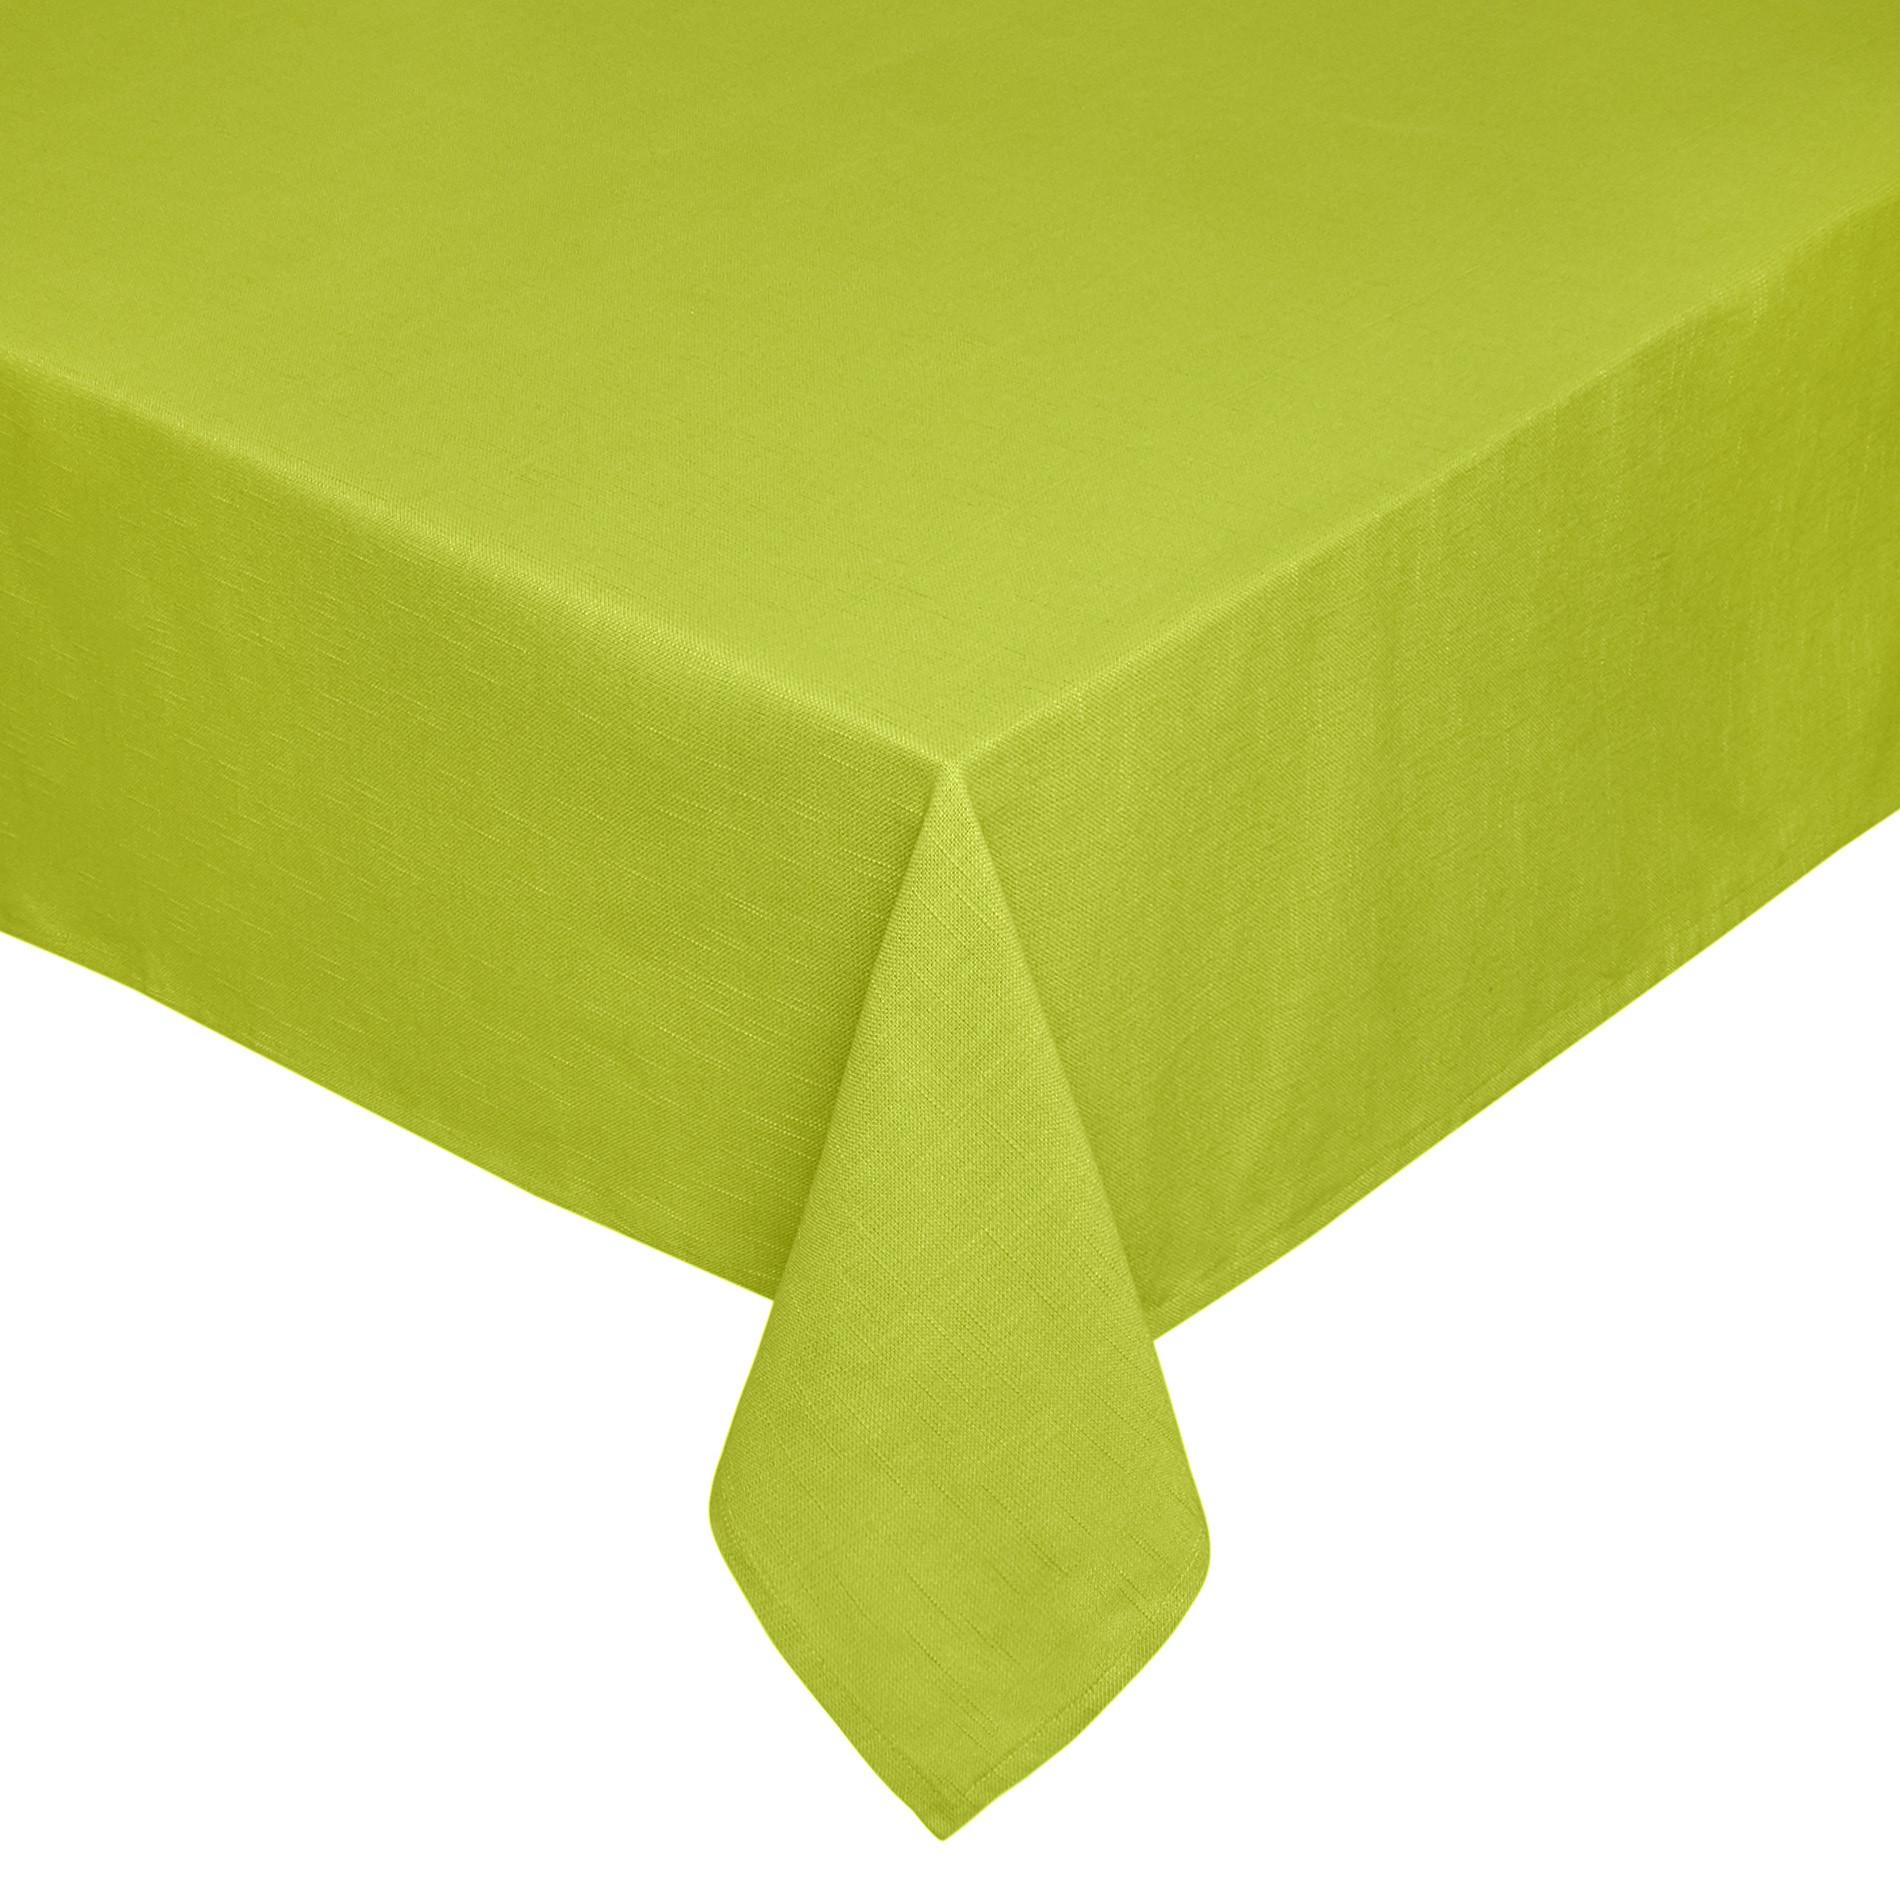 Tovaglia puro cotone fiammato, Verde mela, large image number 0